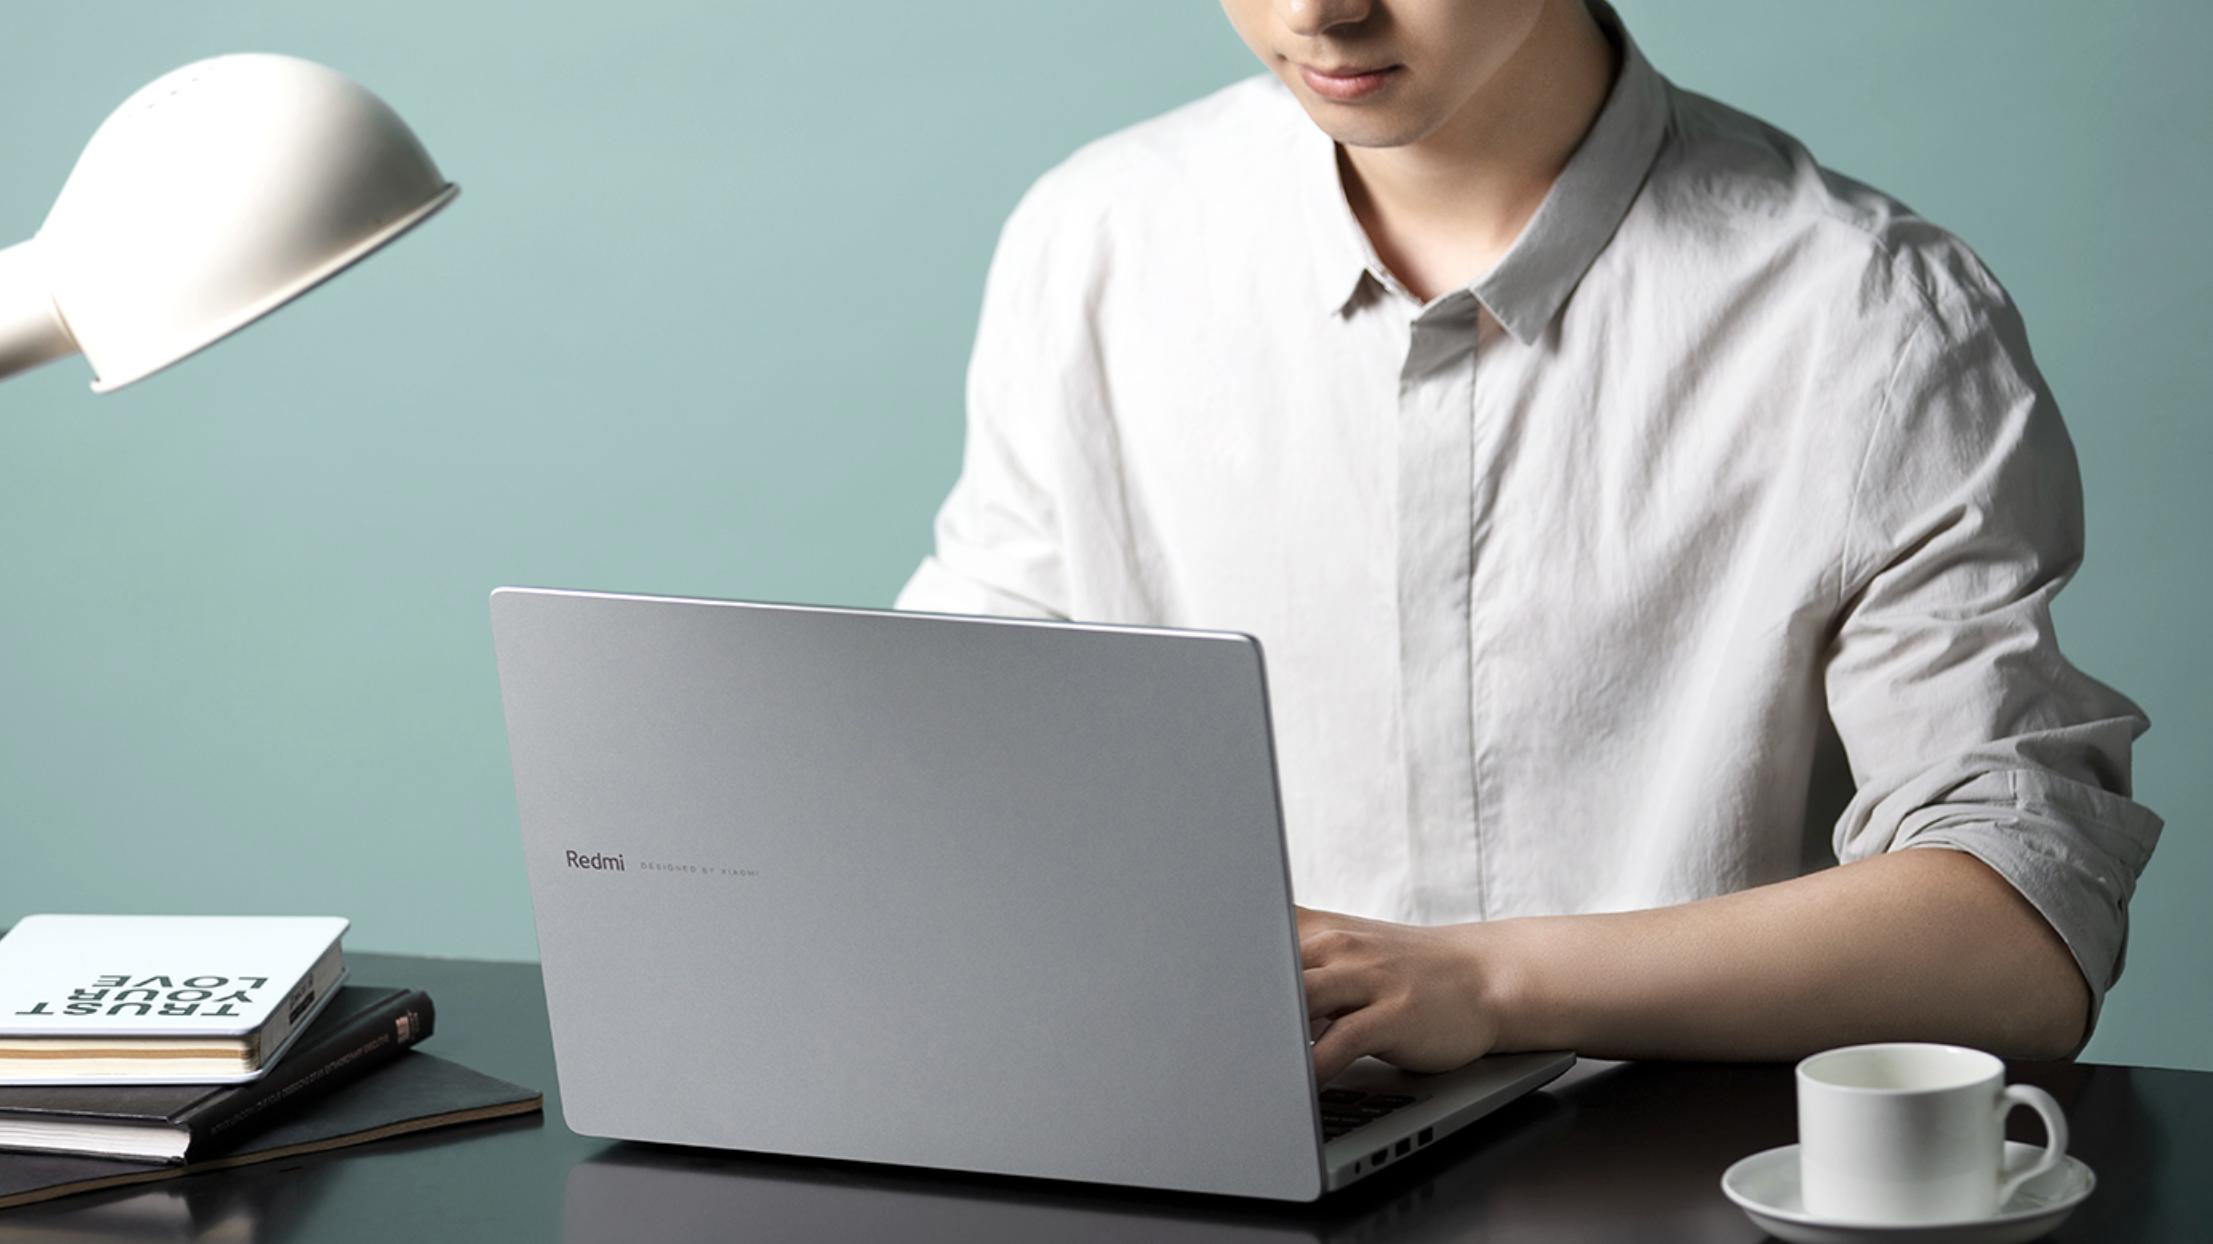 紅米首款筆電 RedmiBook 14 ,快搶先看性能與規格